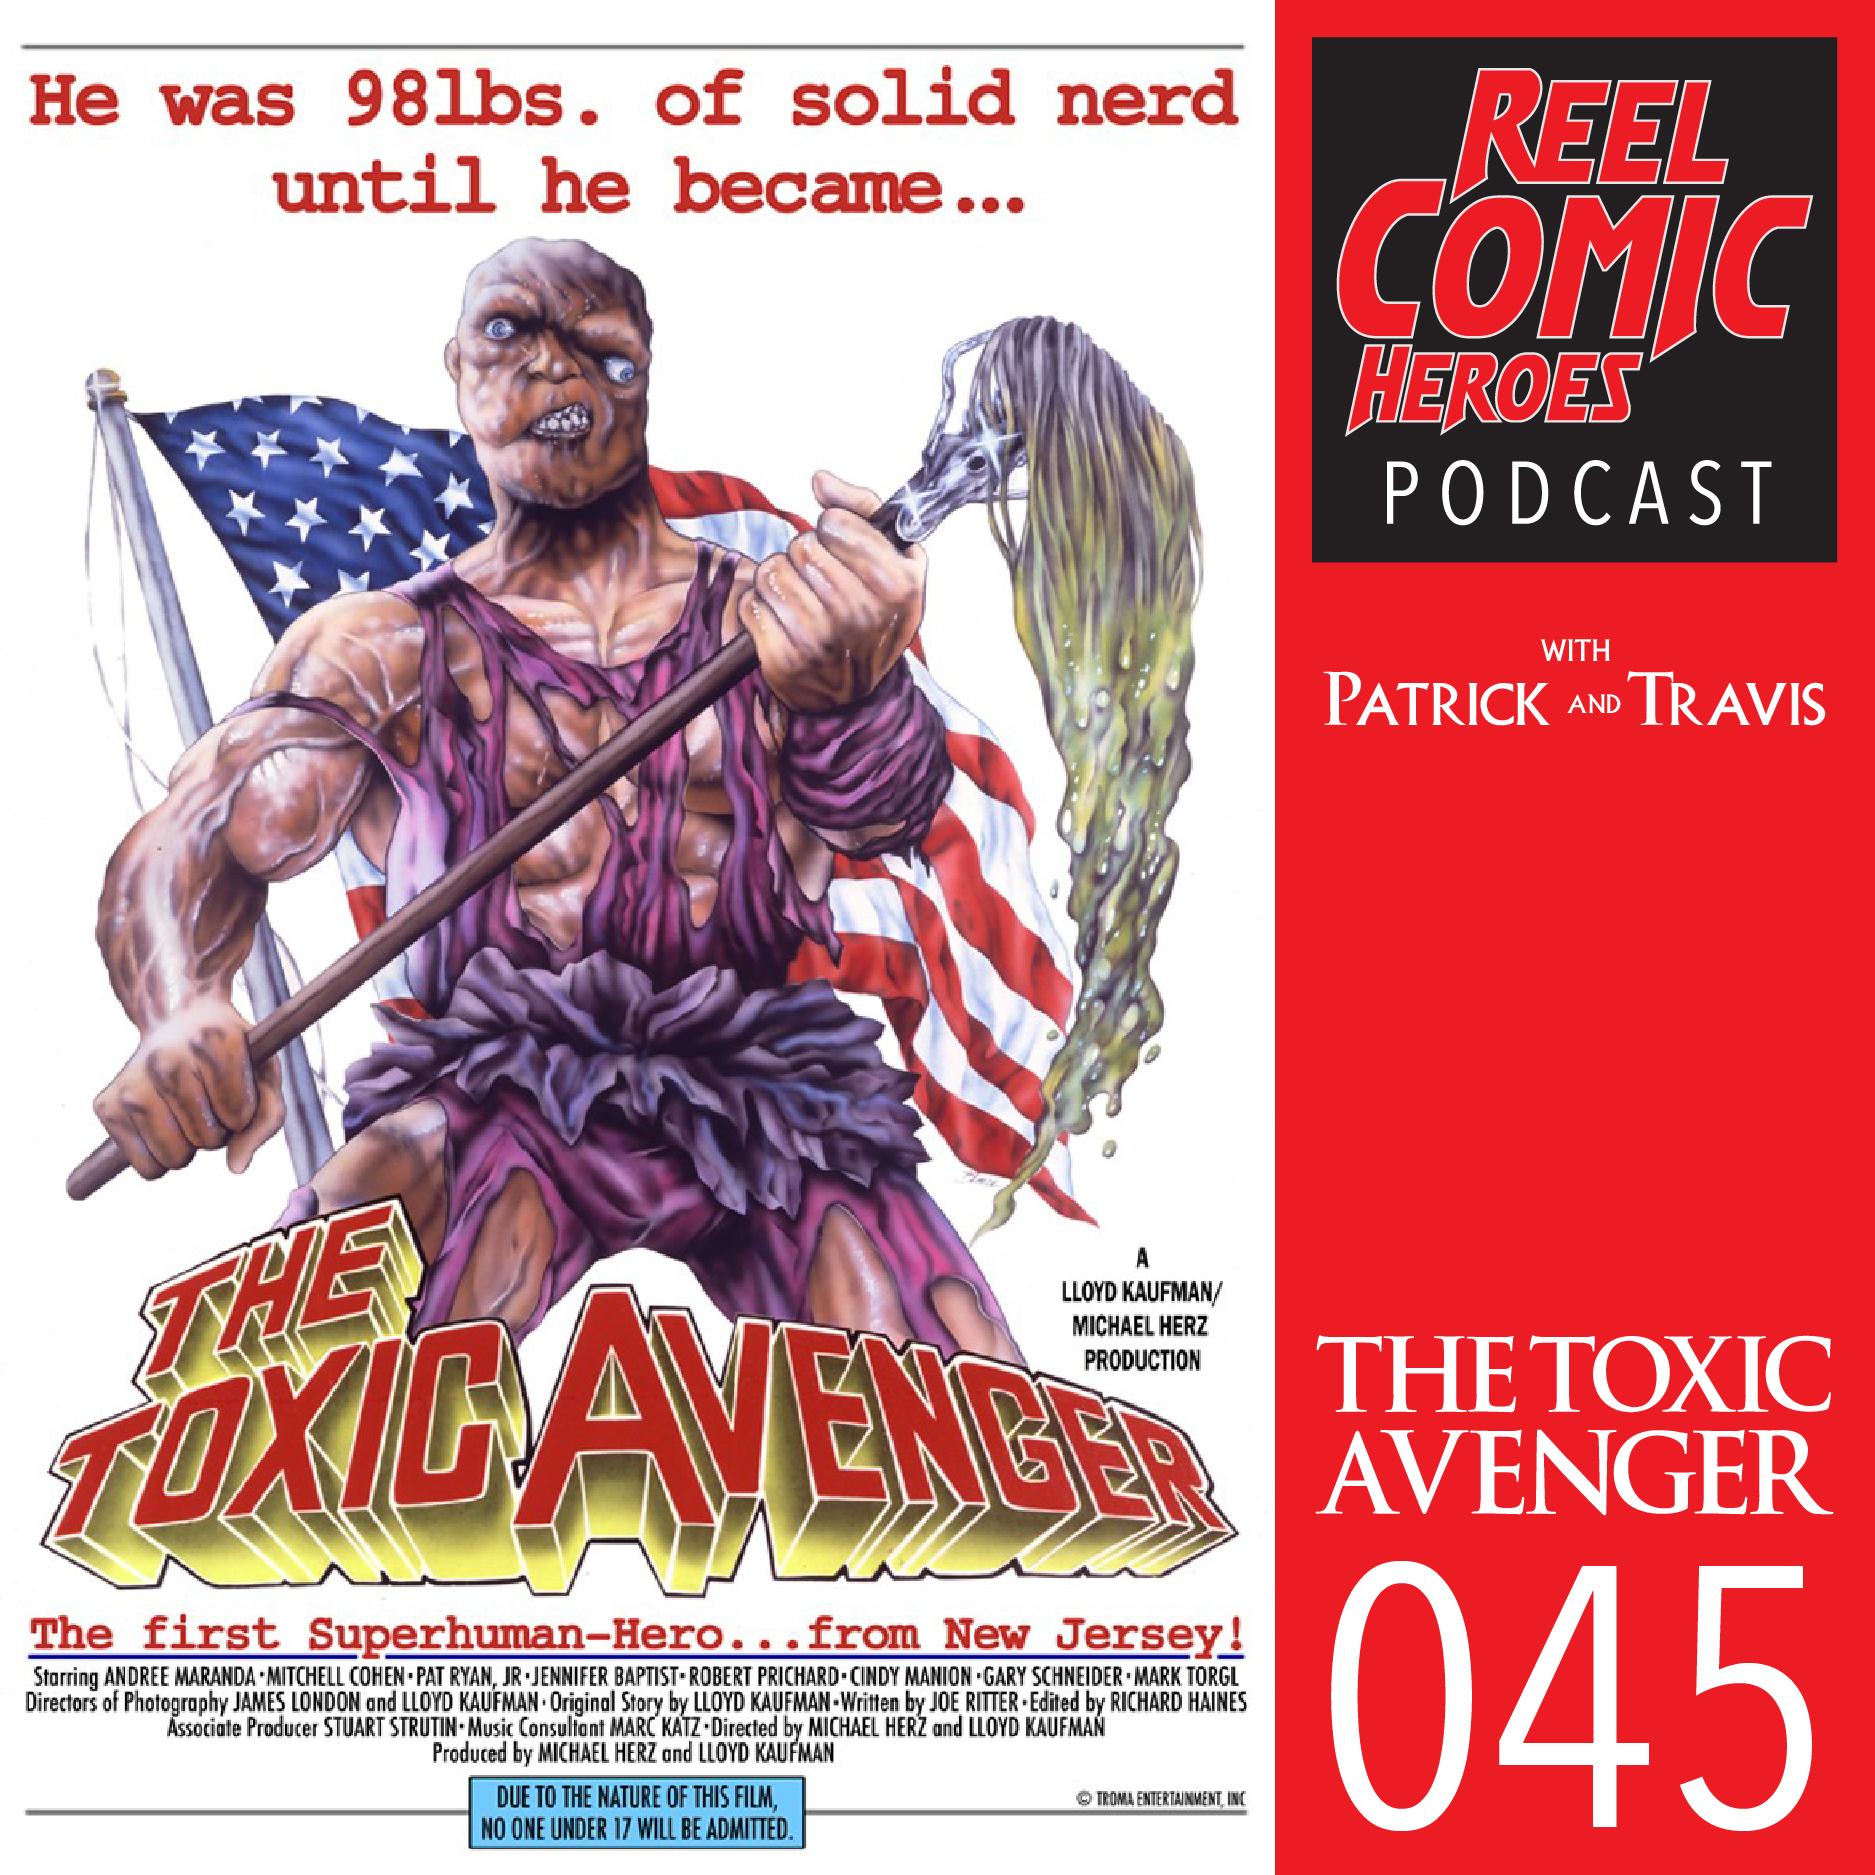 Artwork for Reel Comic Heroes 045 - The Toxic Avenger